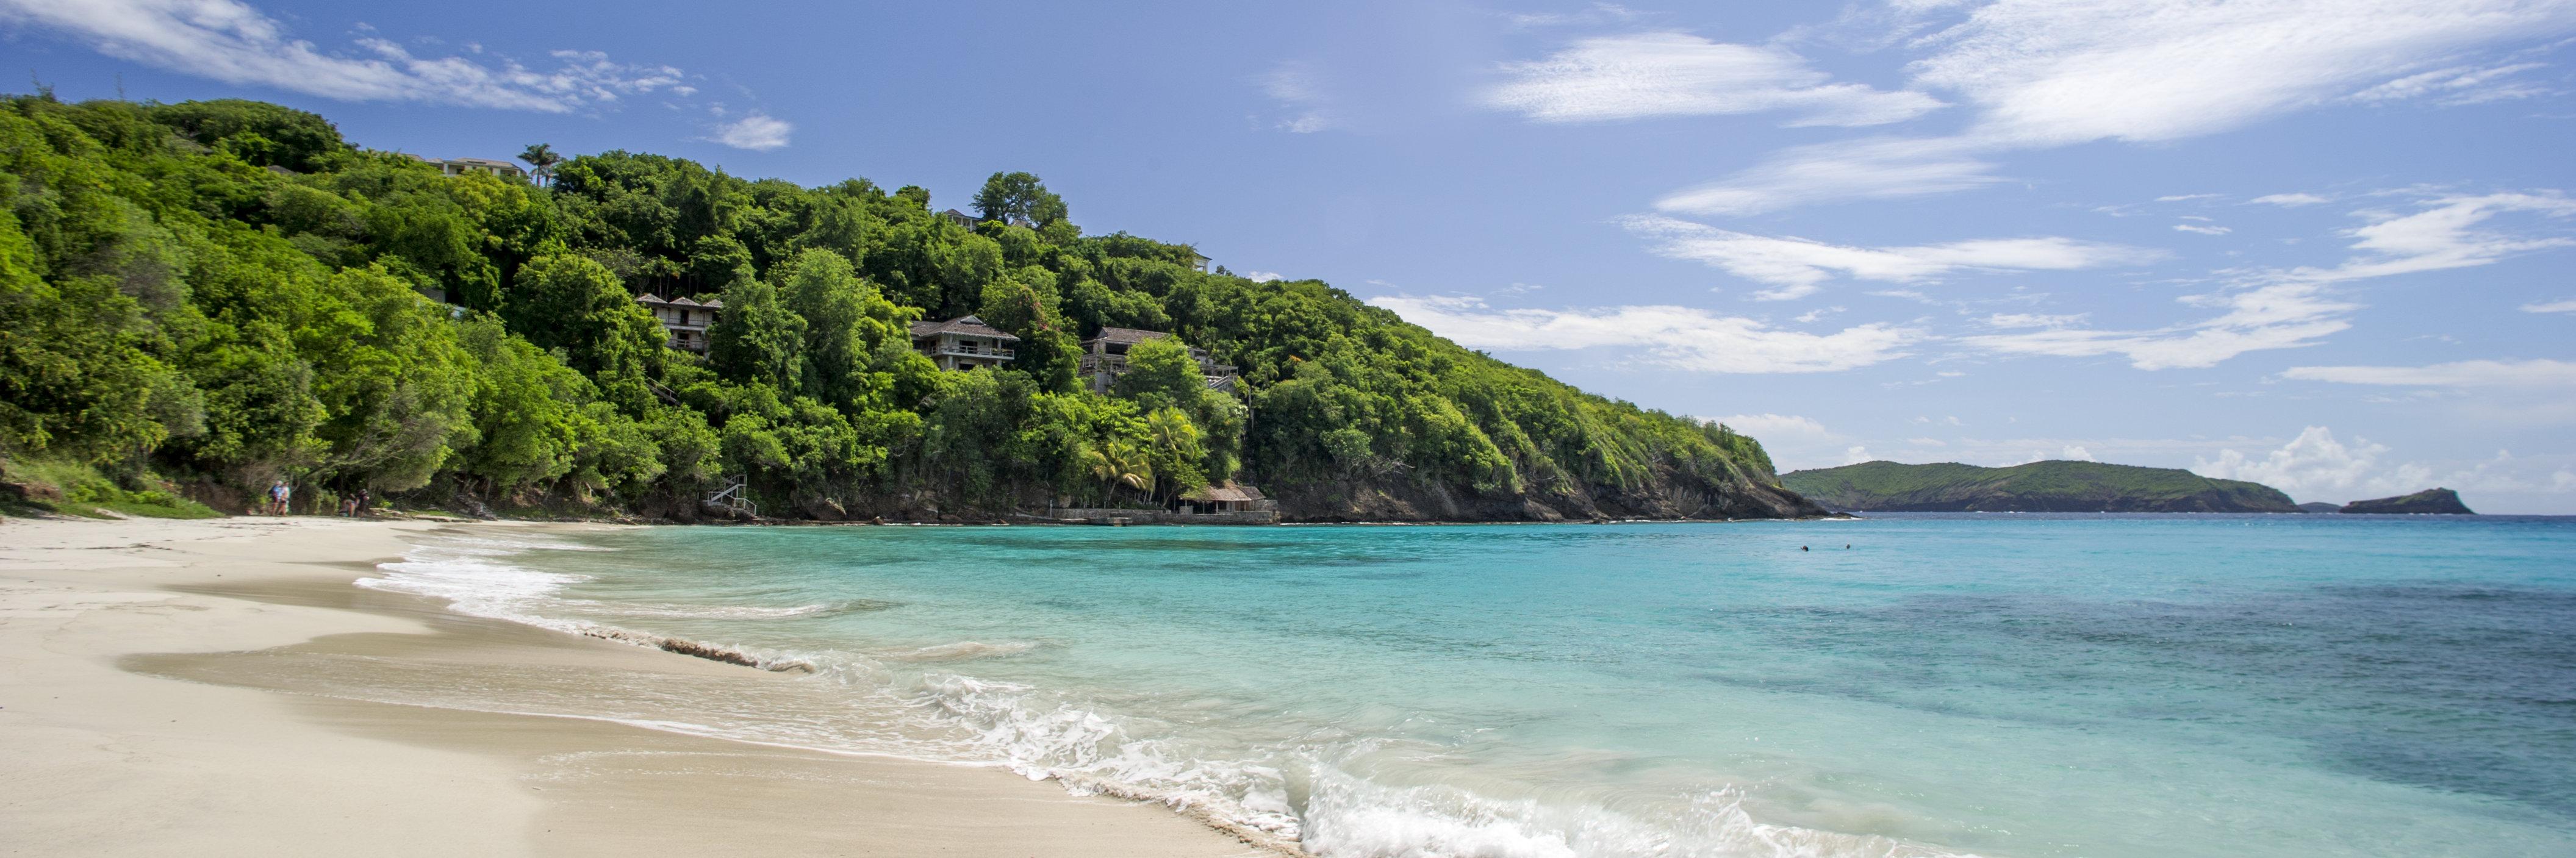 cotton-house-mustique-beach